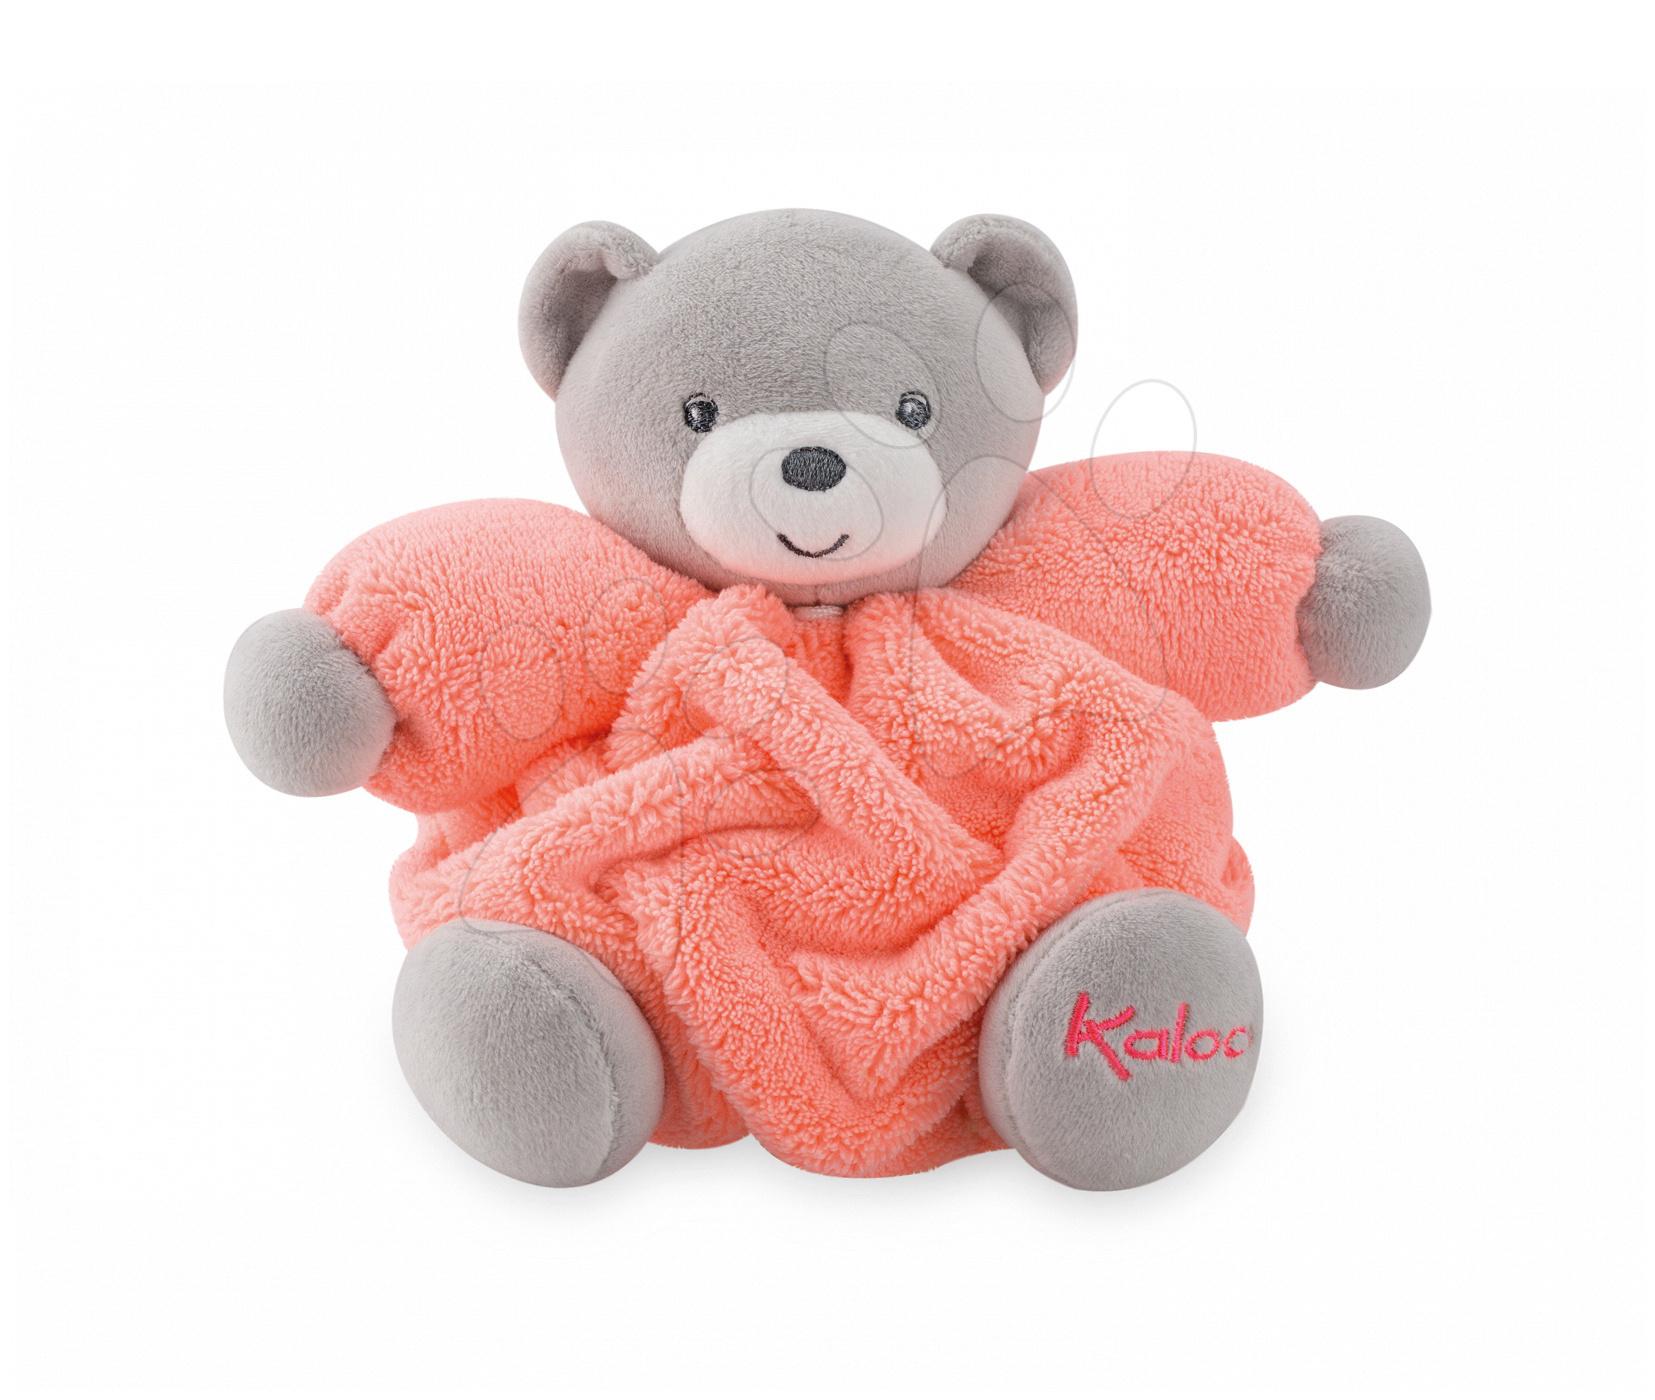 Plyšový medvěd Chubby Neon Kaloo 18 cm v dárkovém balení pro nejmenší oranžový